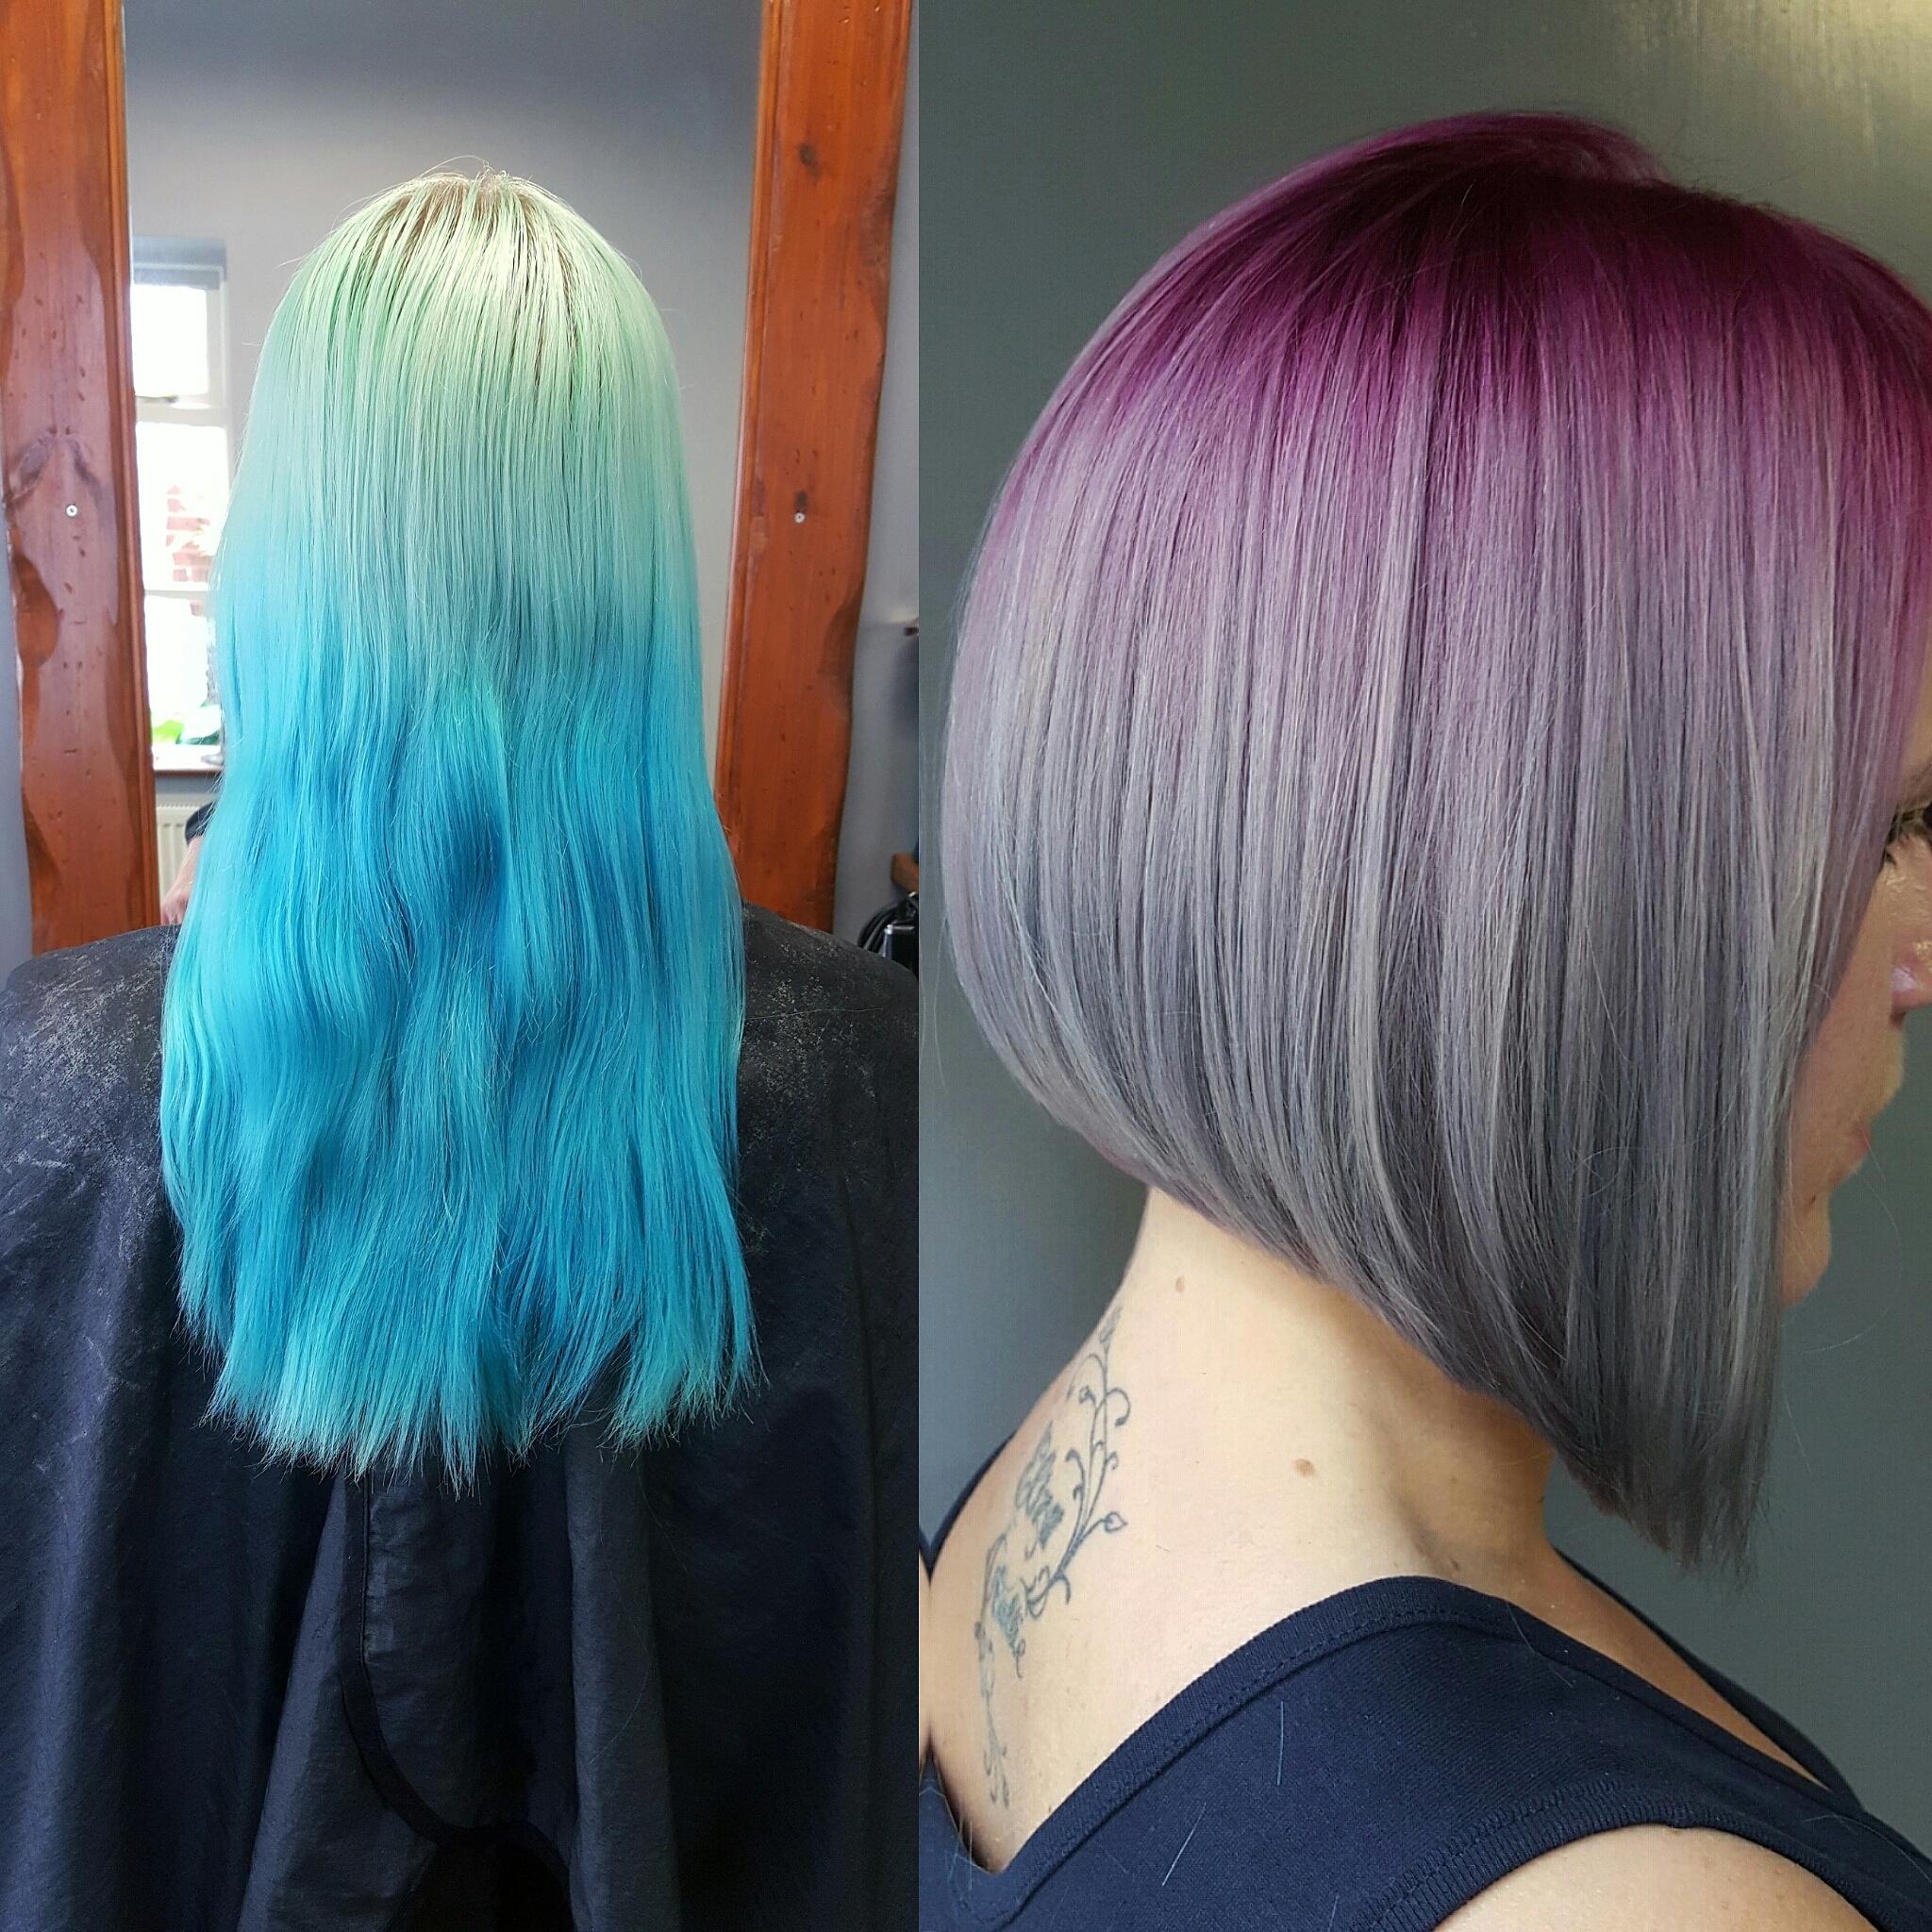 TRANSFORMATION: Aqua To Purple/Silver Sombre